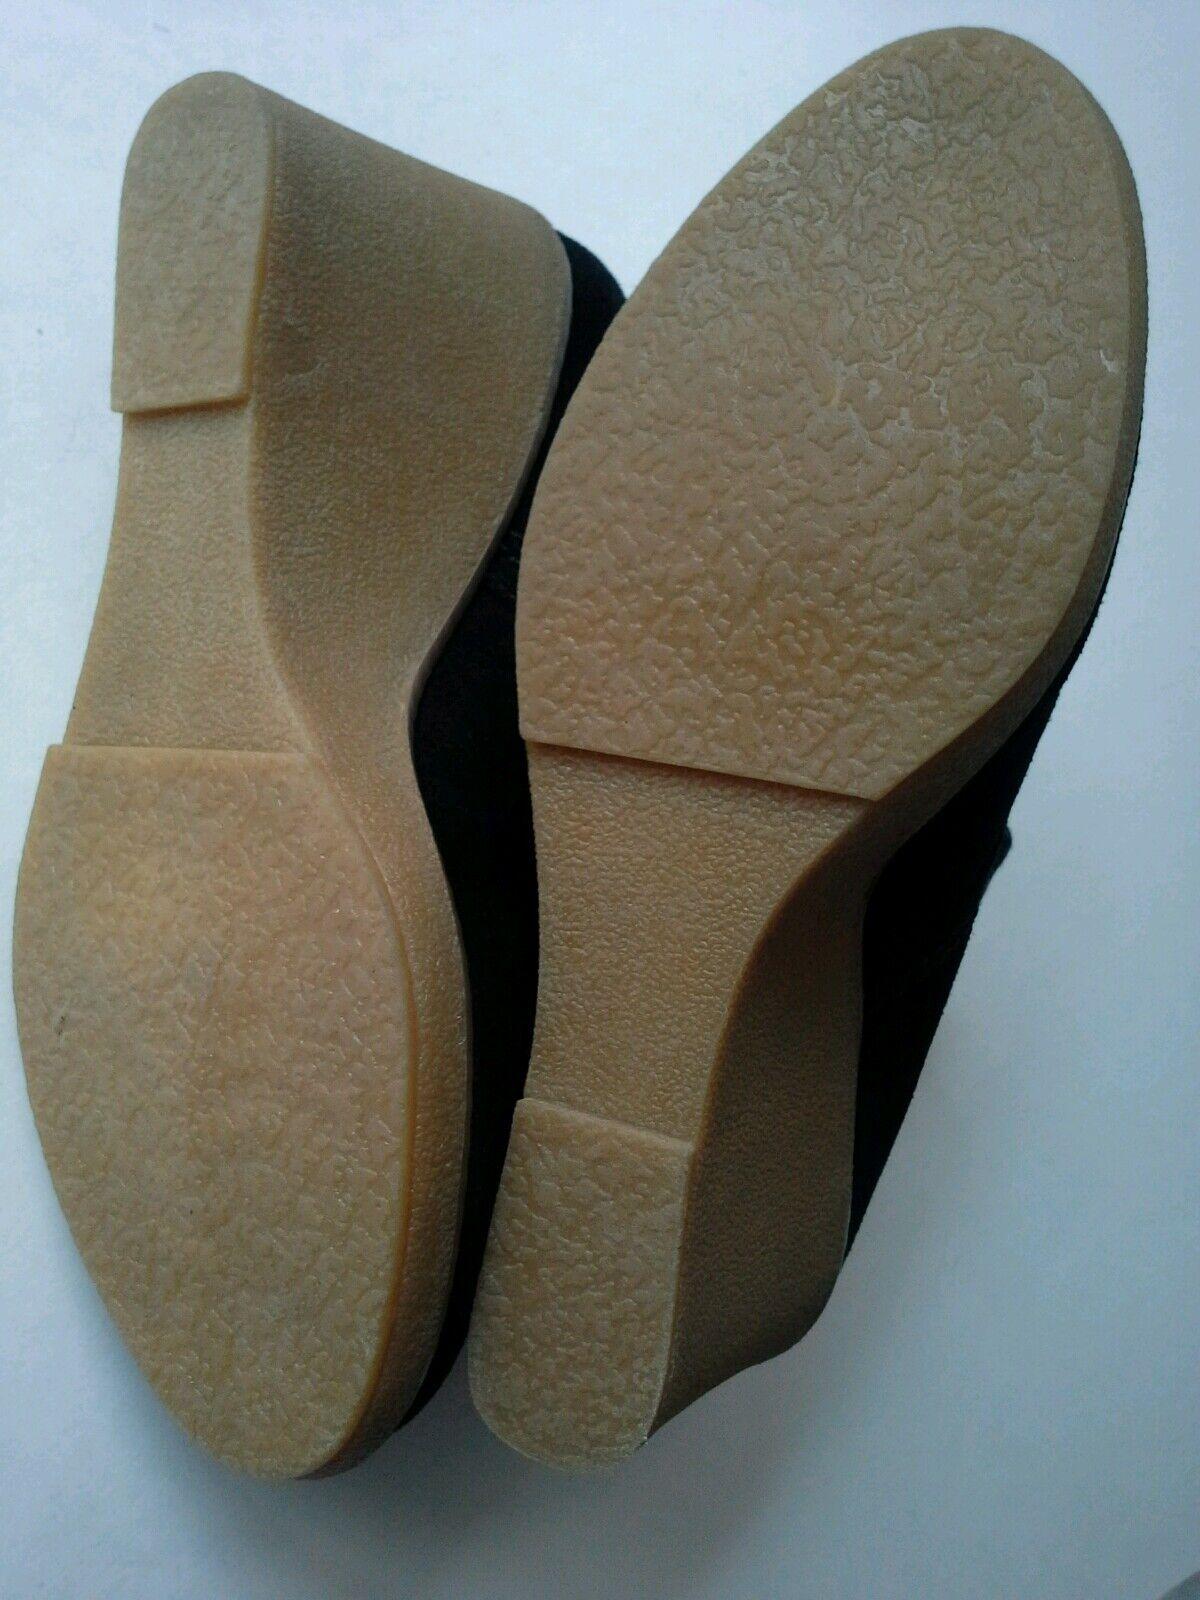 Kelsi Dagger Brooklyn Suede Ontario Suede Brooklyn Wedge Ankle Stiefel/Bootie Sz 7 150 cd0725